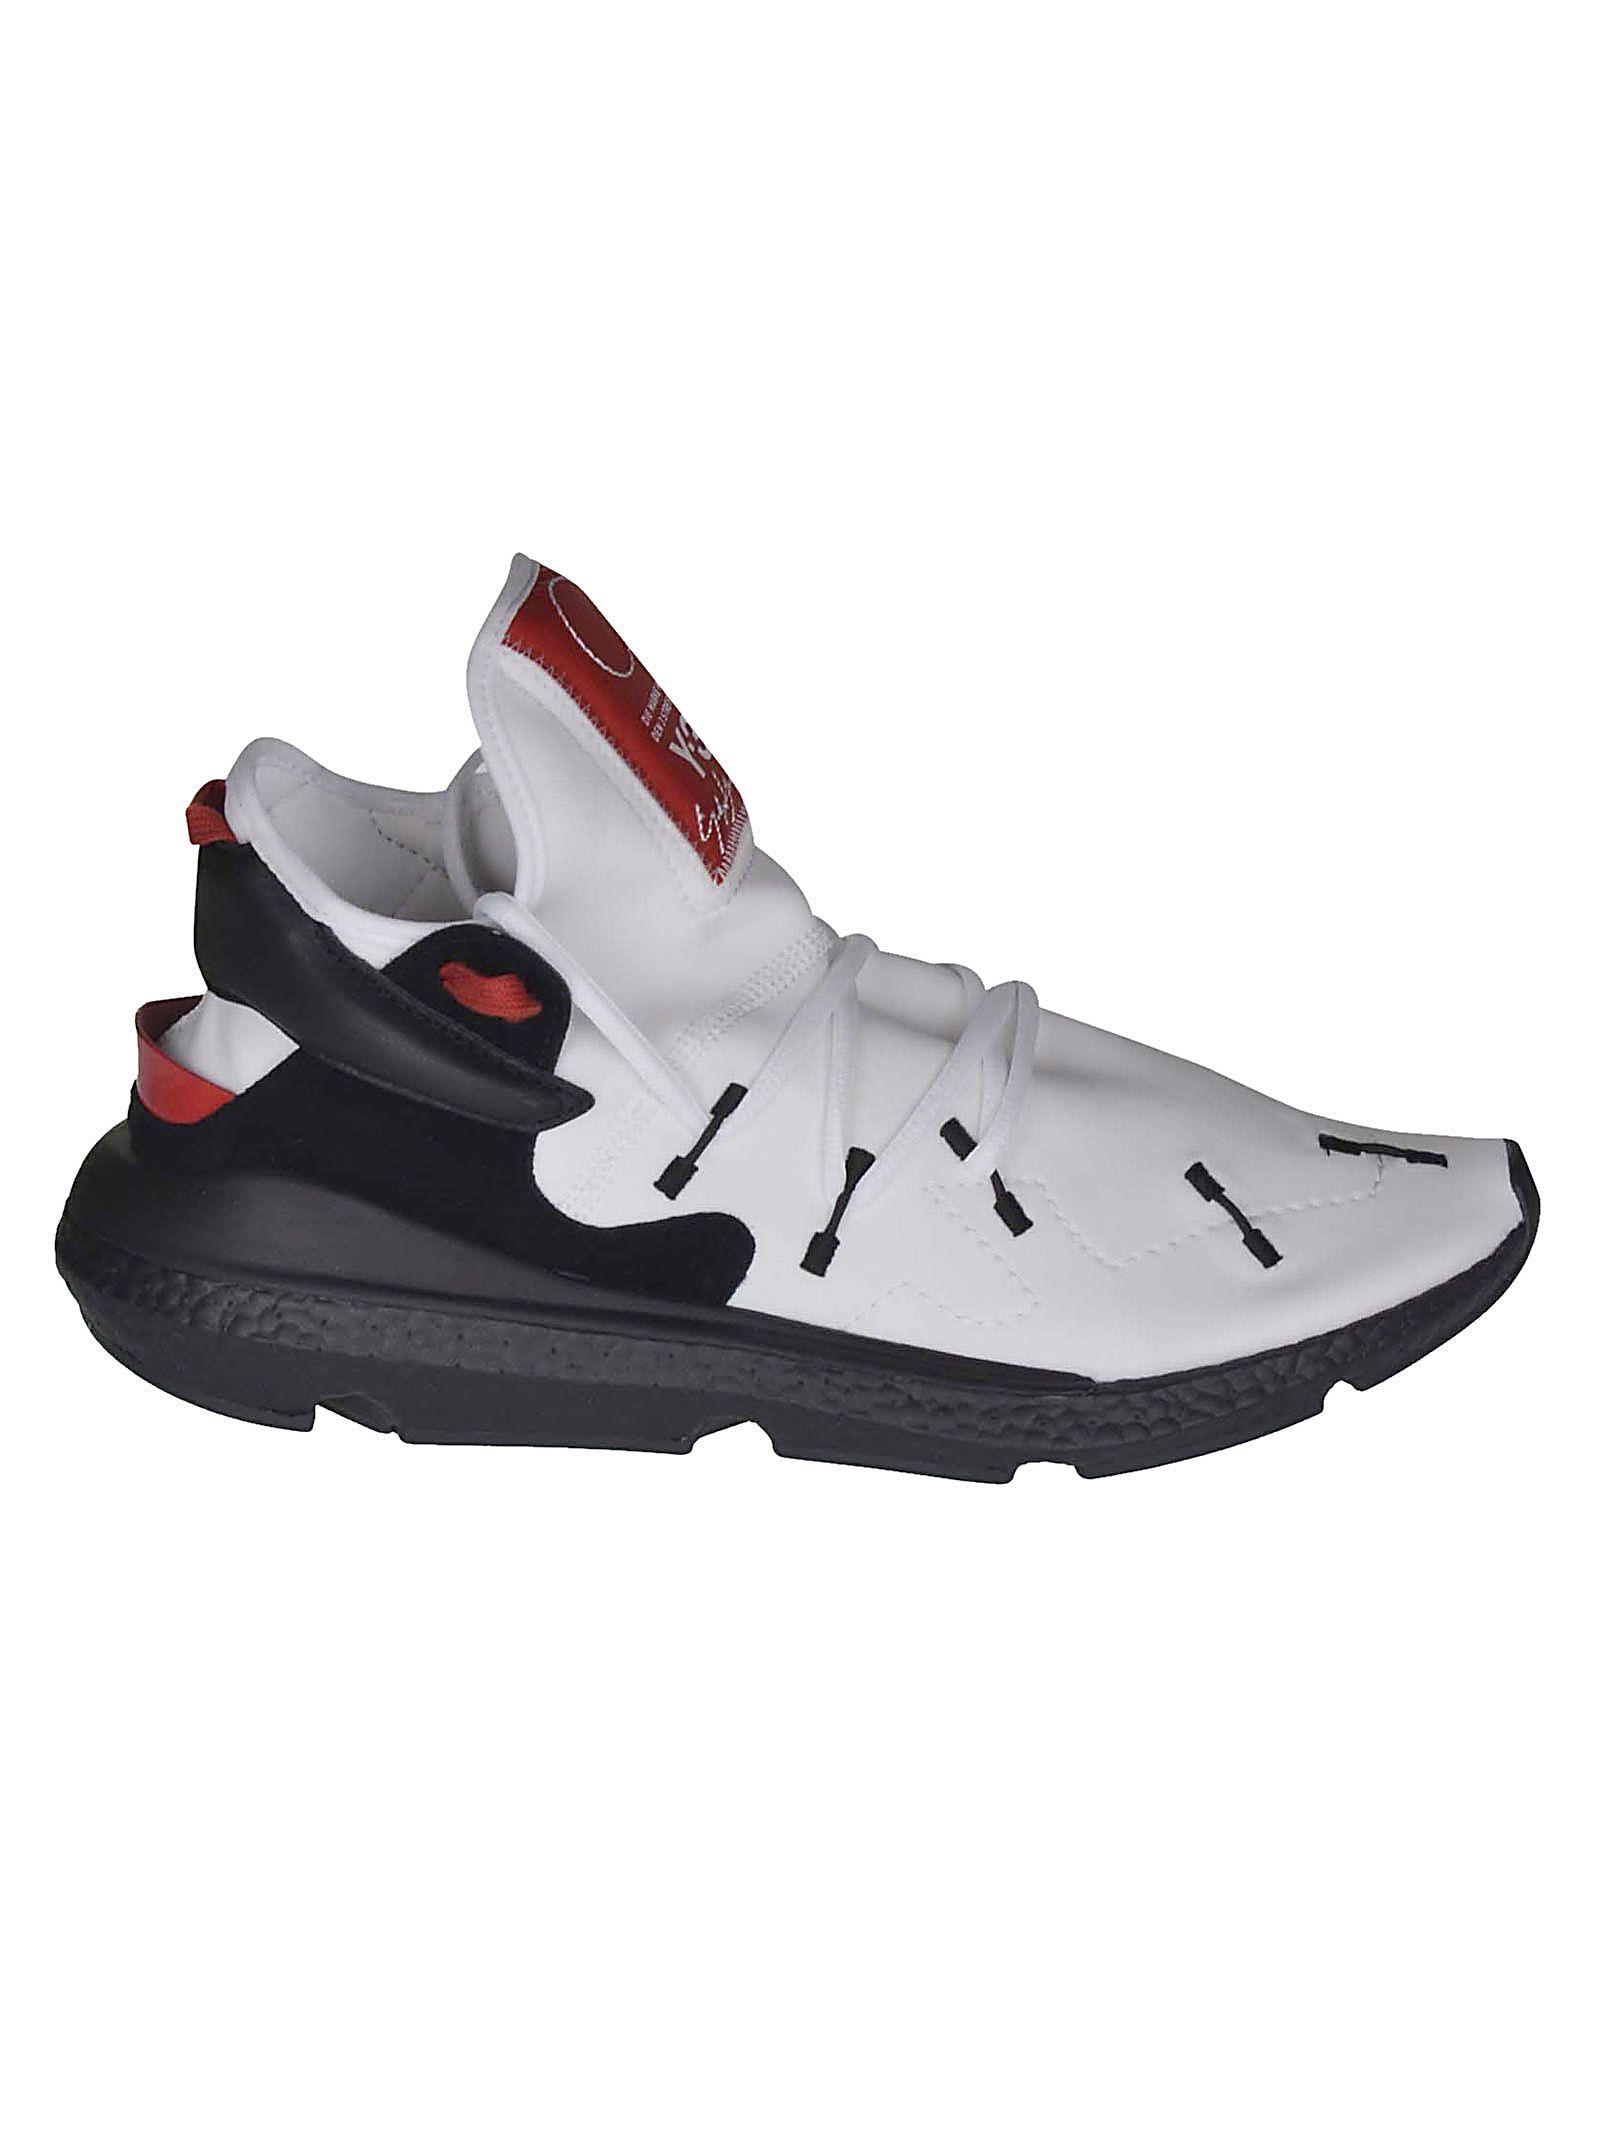 072f24411 Y-3 KUSARI II SNEAKERS.  y-3  shoes